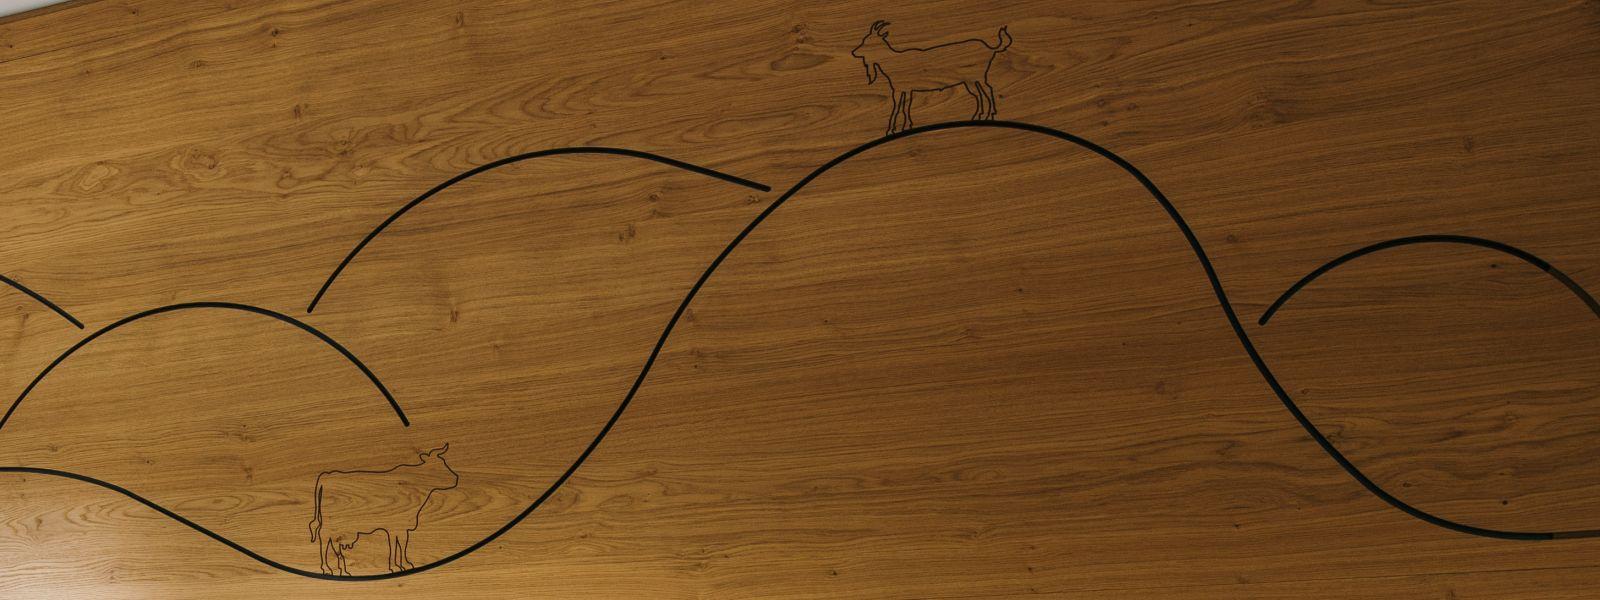 Schöne Holzschnitzerei mit Hügeln, einer Kuh und einer Ziege